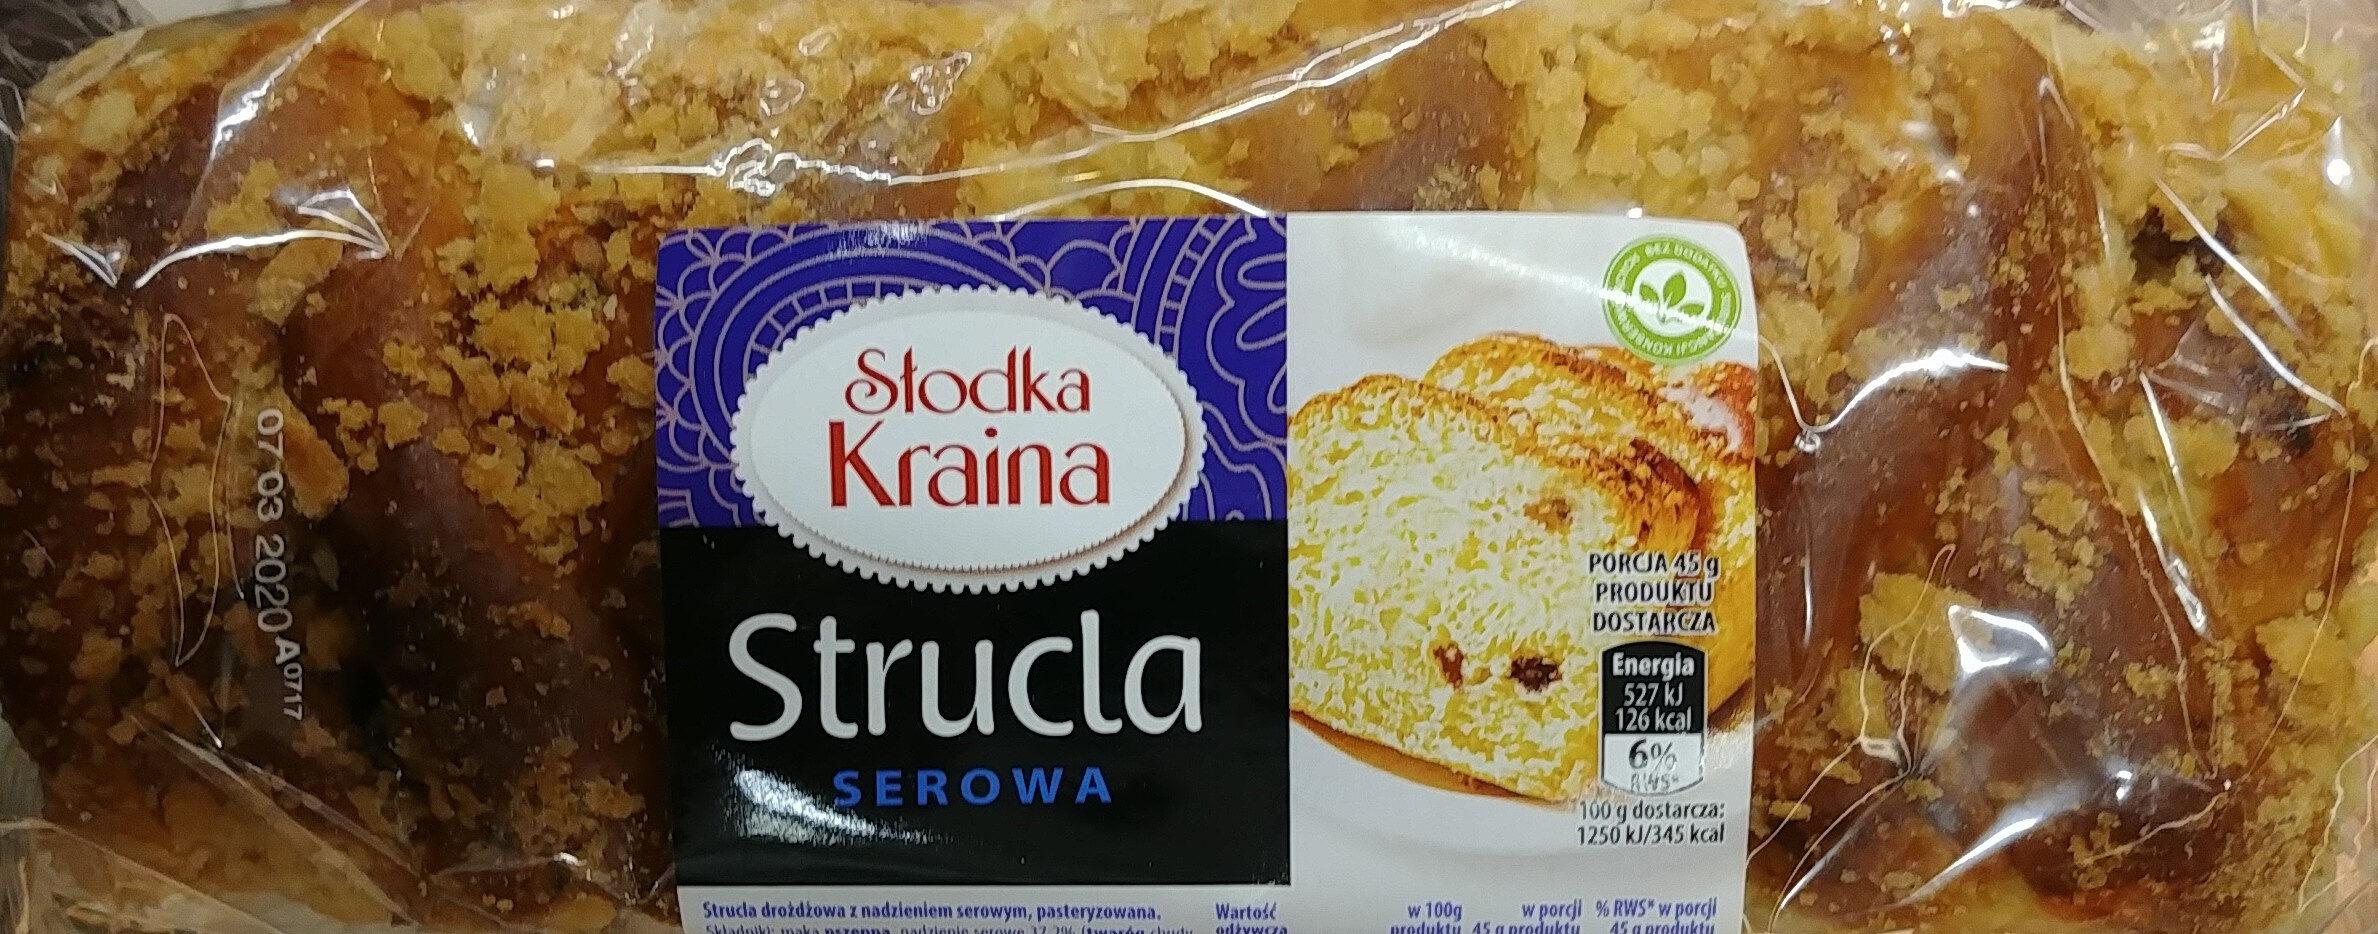 strucla serowa - Produkt - pl